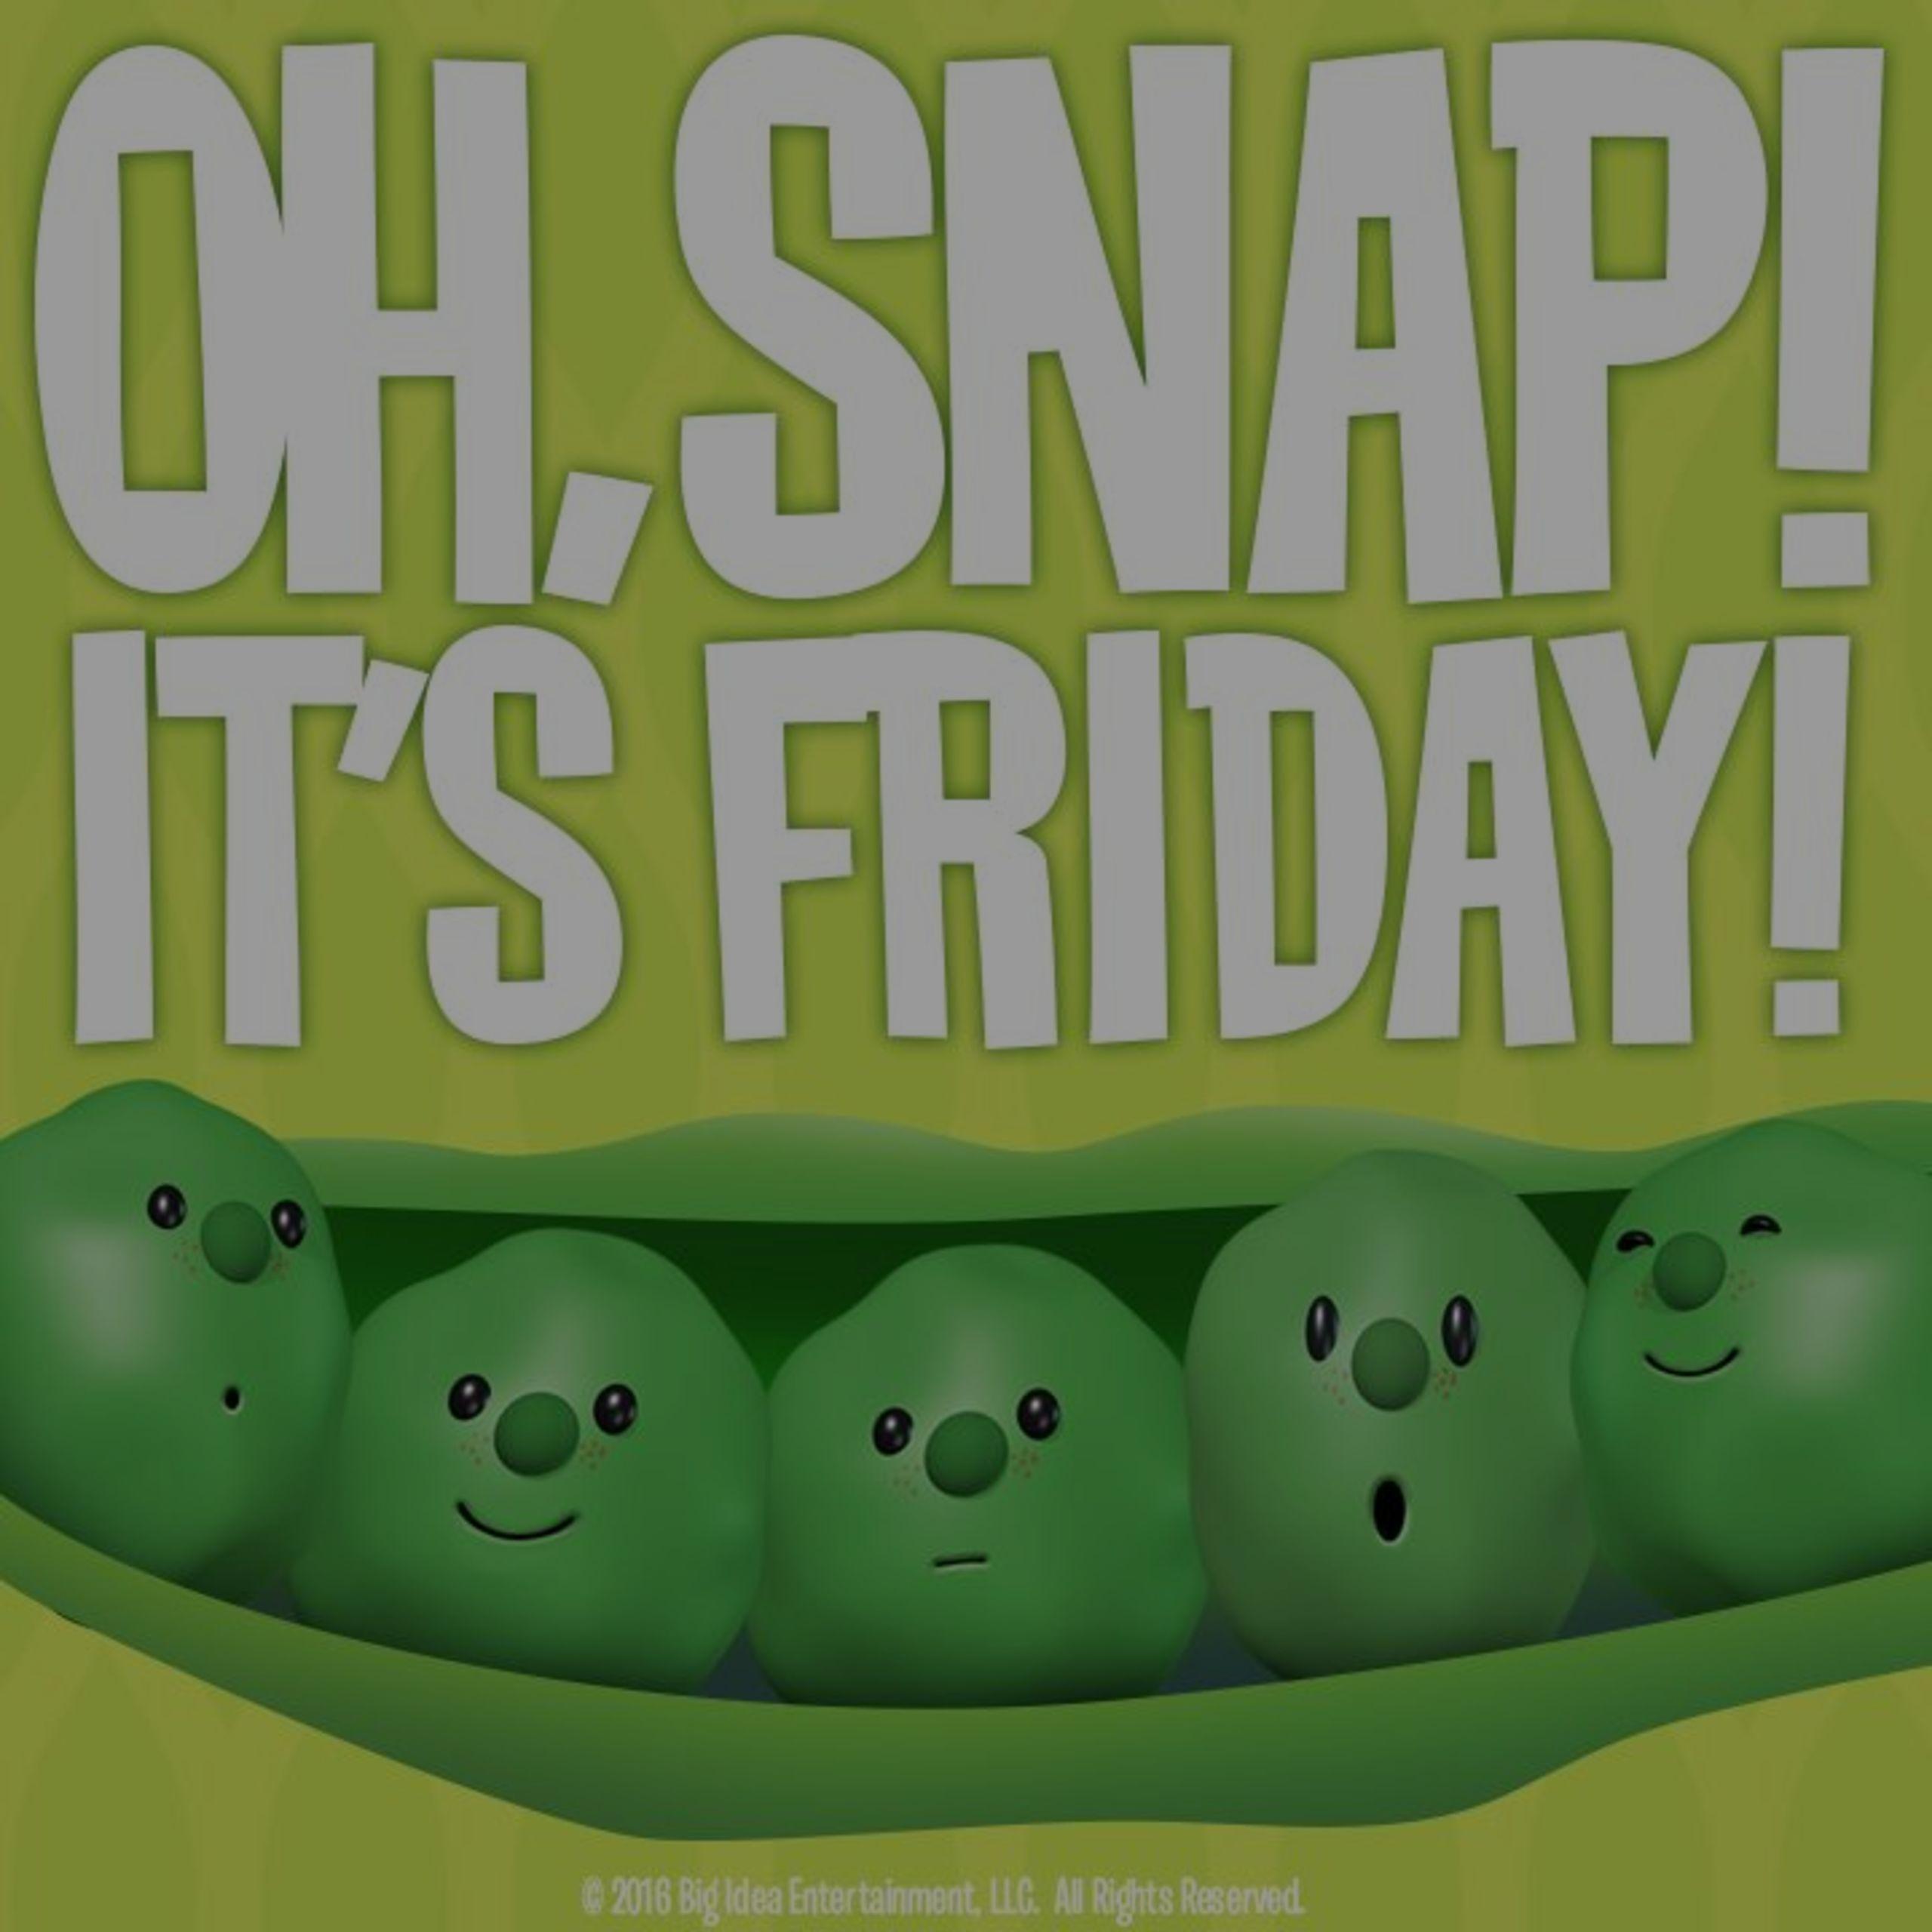 Oh Snap! Happy Friday!